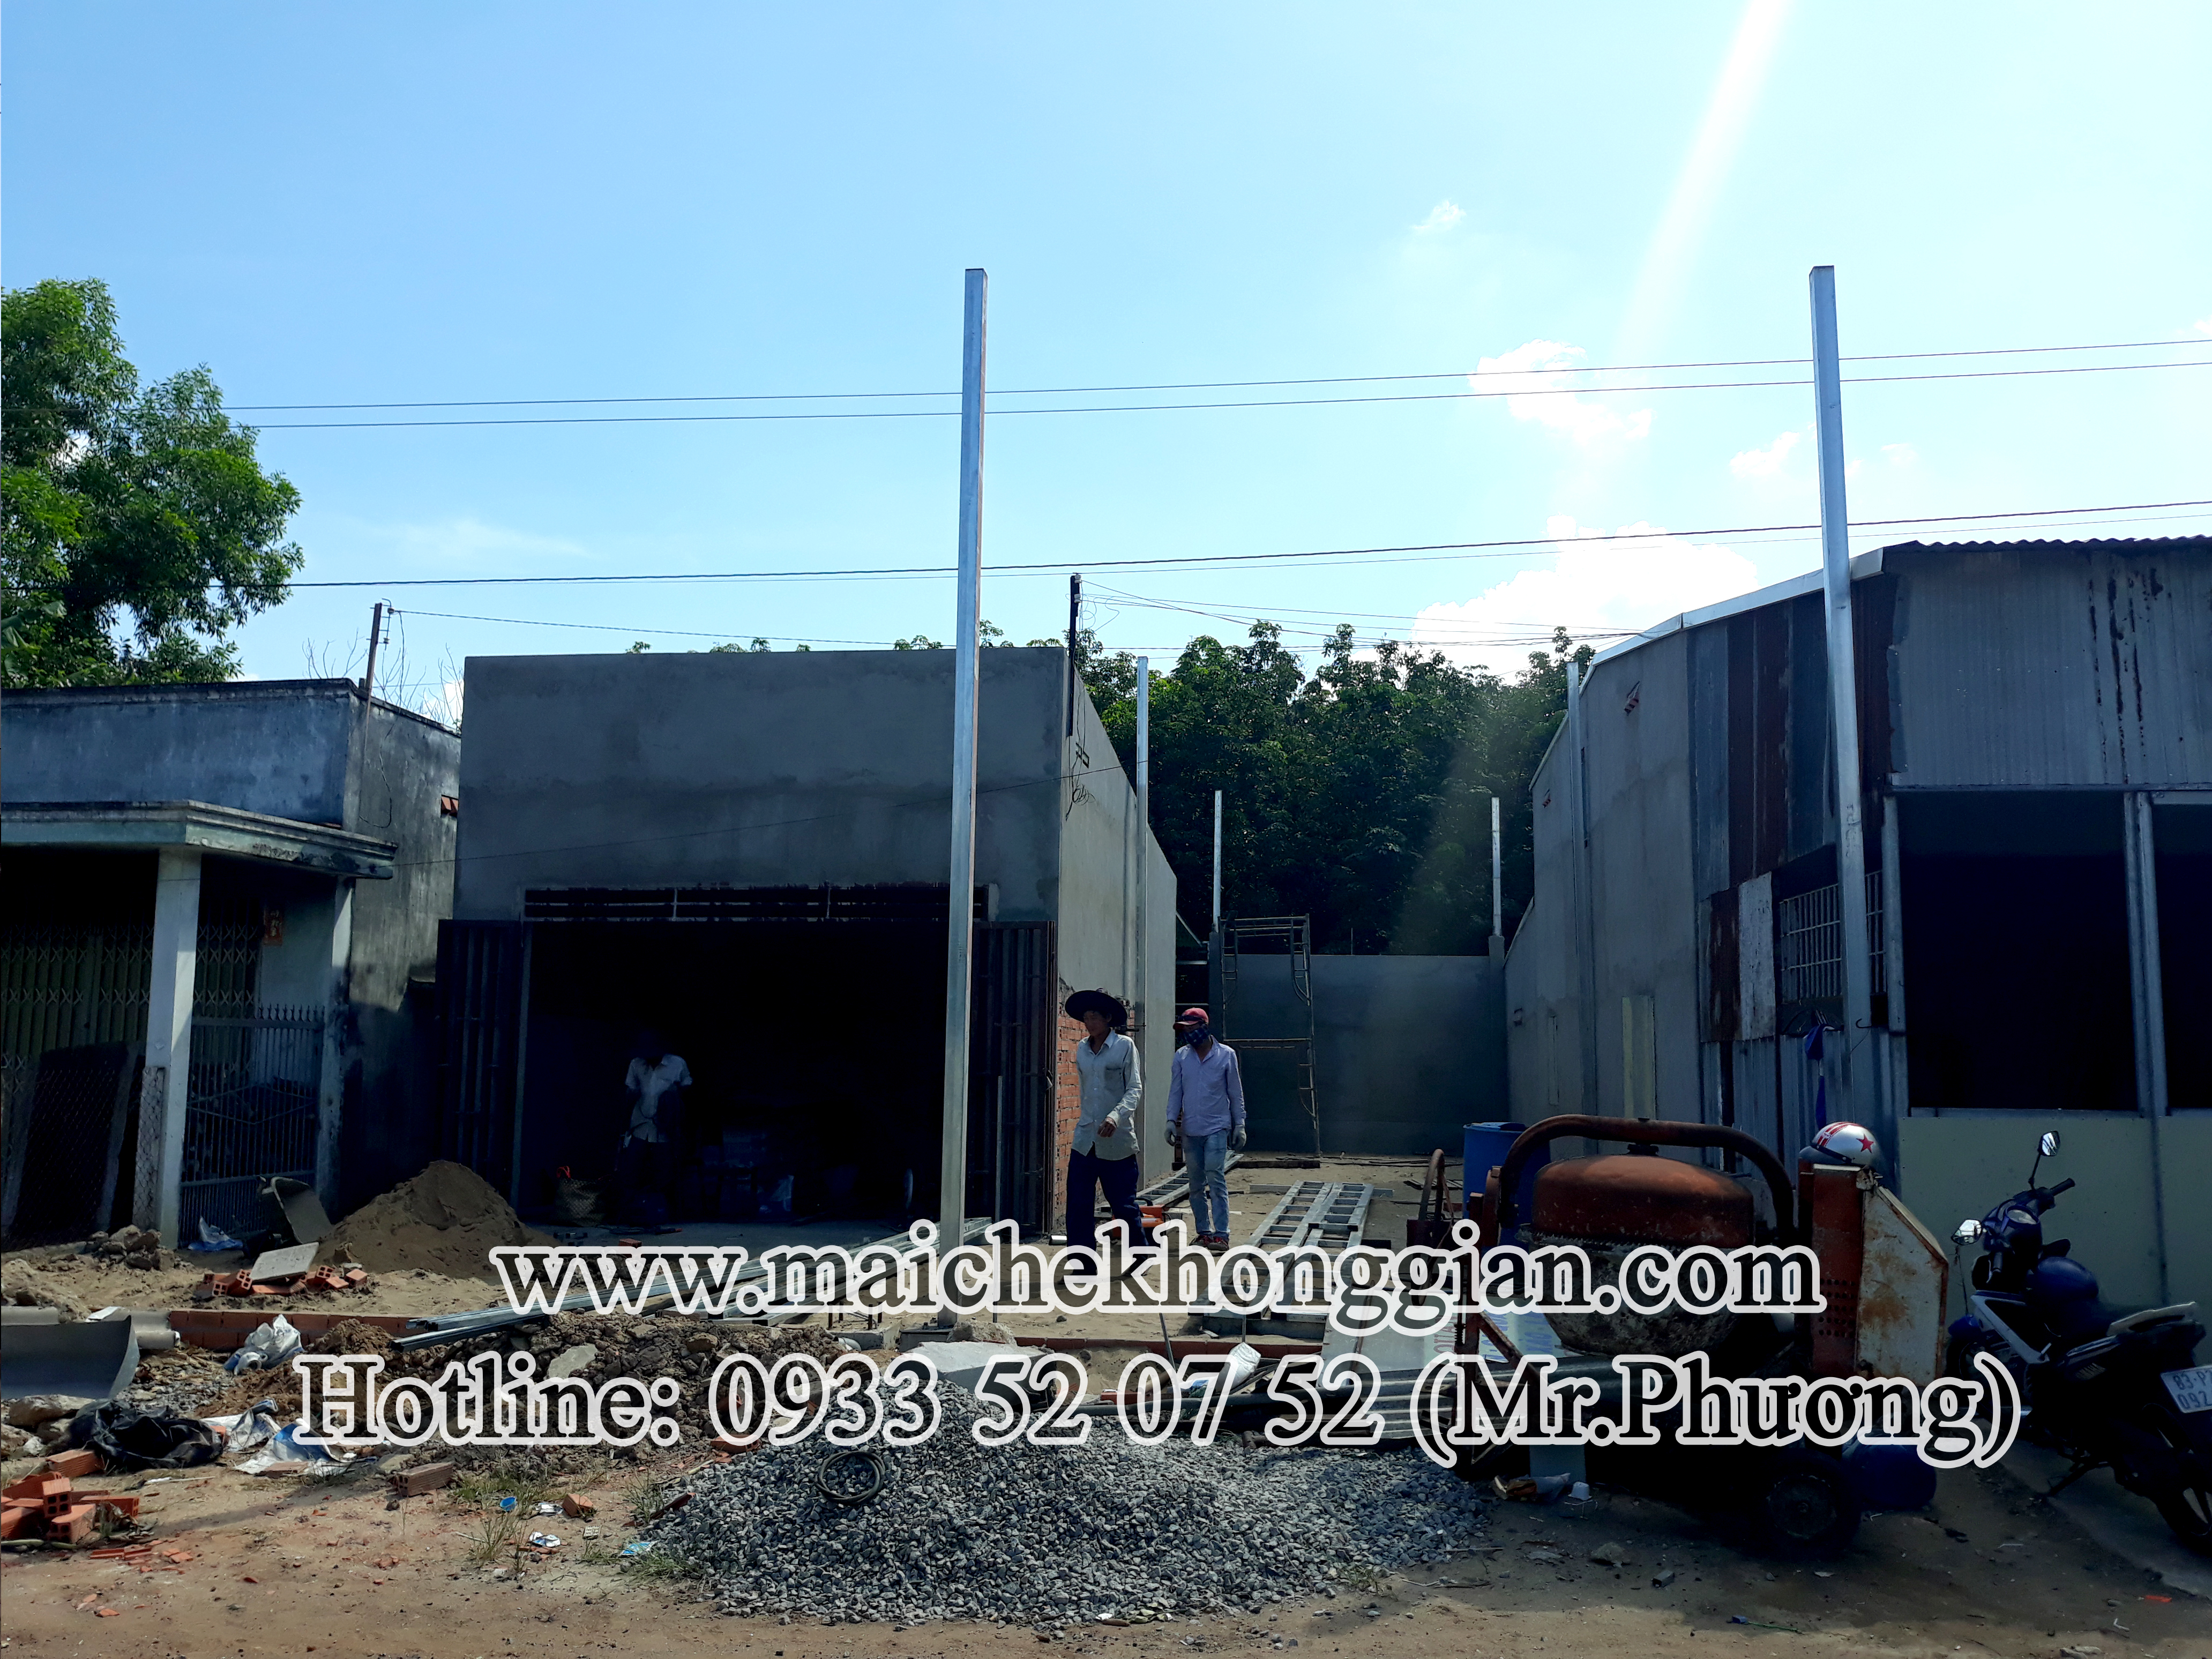 Mái xếp di động Bến Cầu Tây Ninh